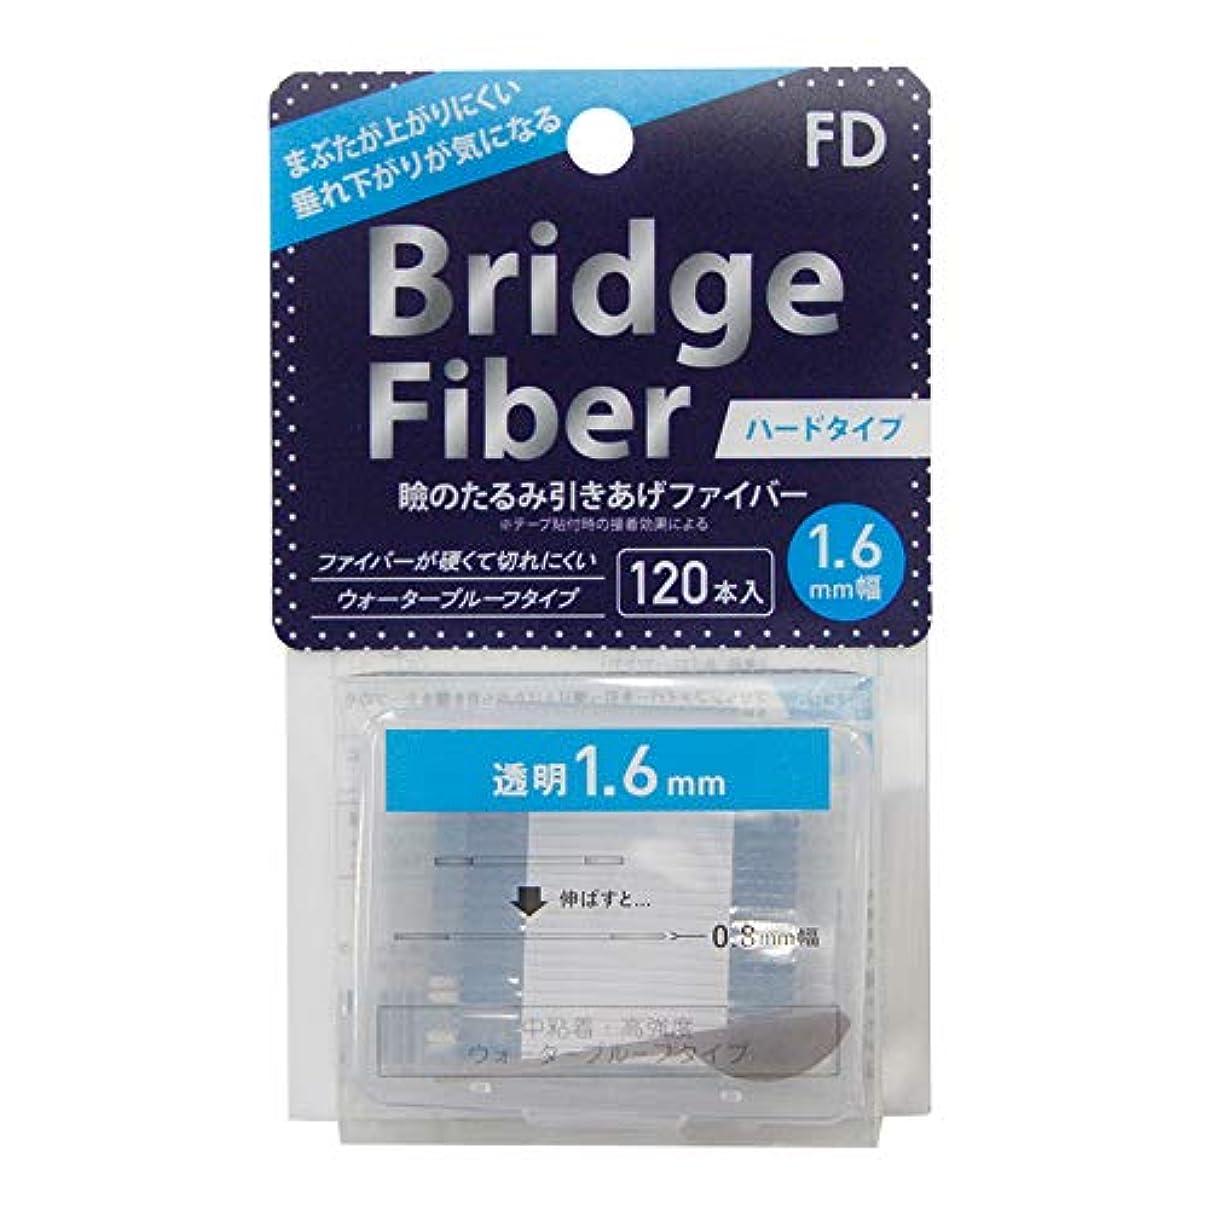 スケートマインド豊かなFD ブリッジハードファイバー 眼瞼下垂防止テープ ハードタイプ 透明1.6mm幅 120本入り